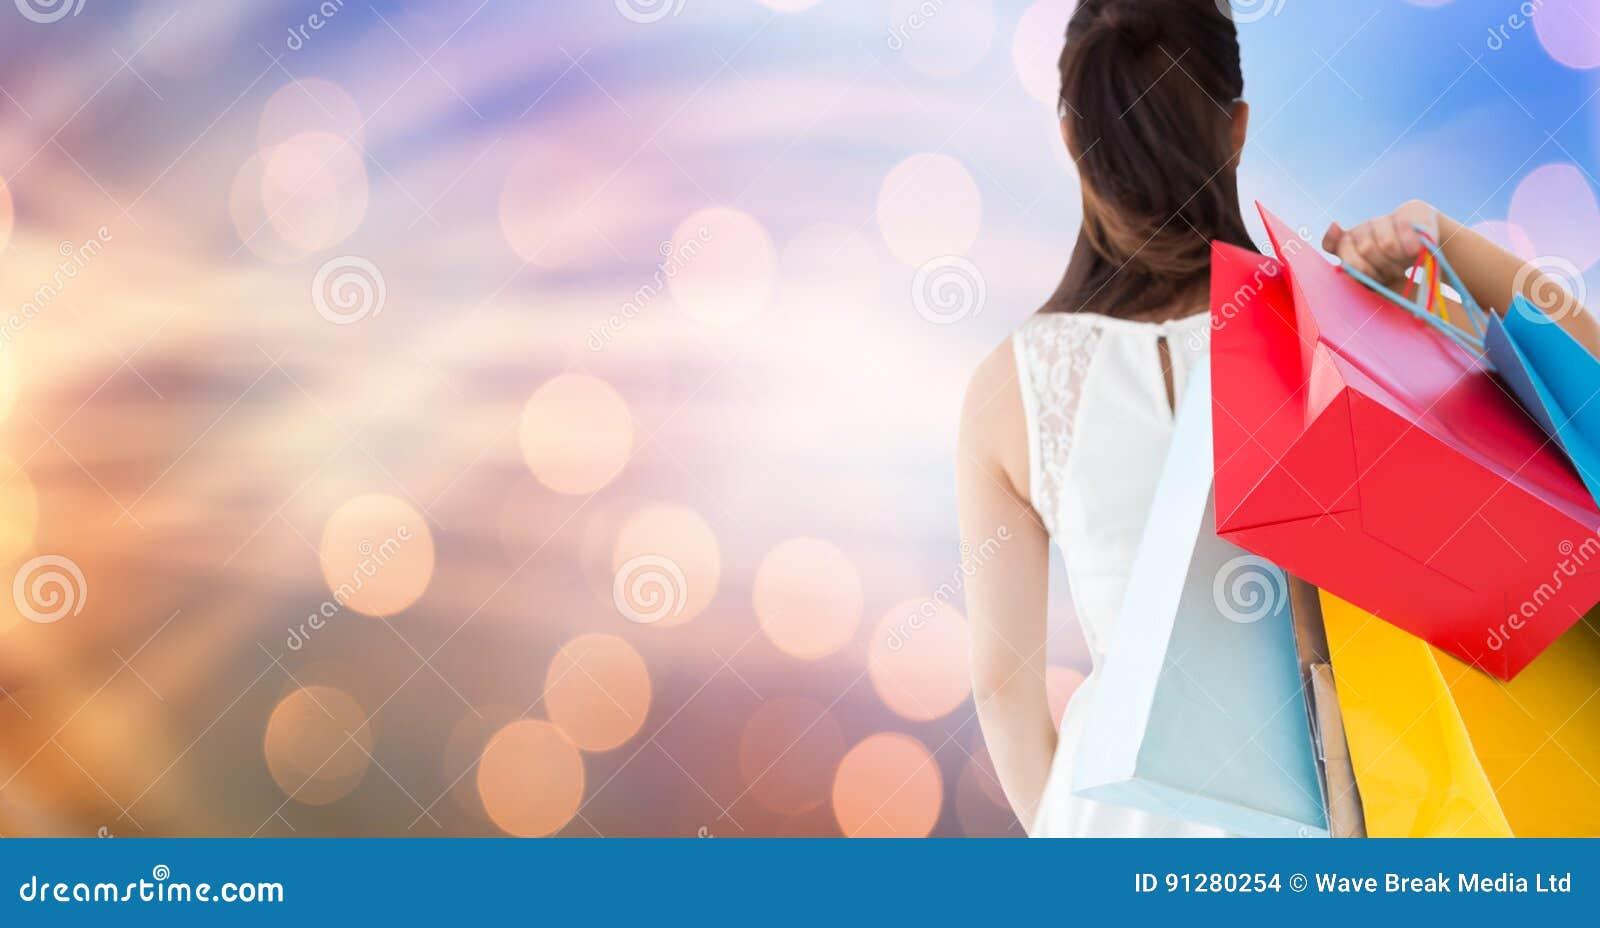 Bakre sikt av bärande shoppingpåsar för kvinnlig över bokeh